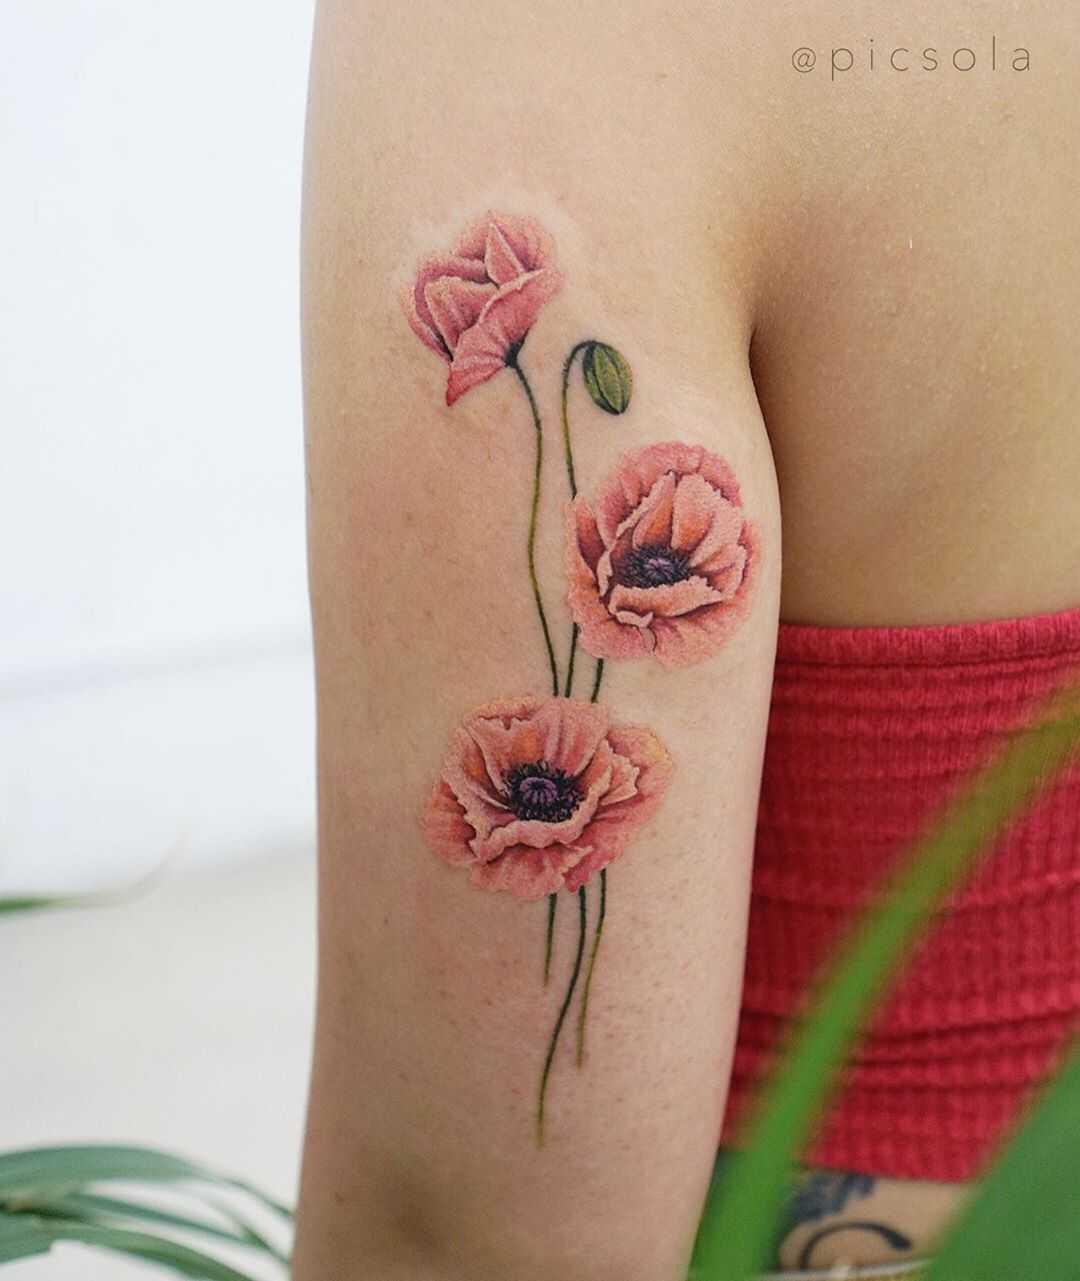 Salmon poppies tattoo by tattooist picsola